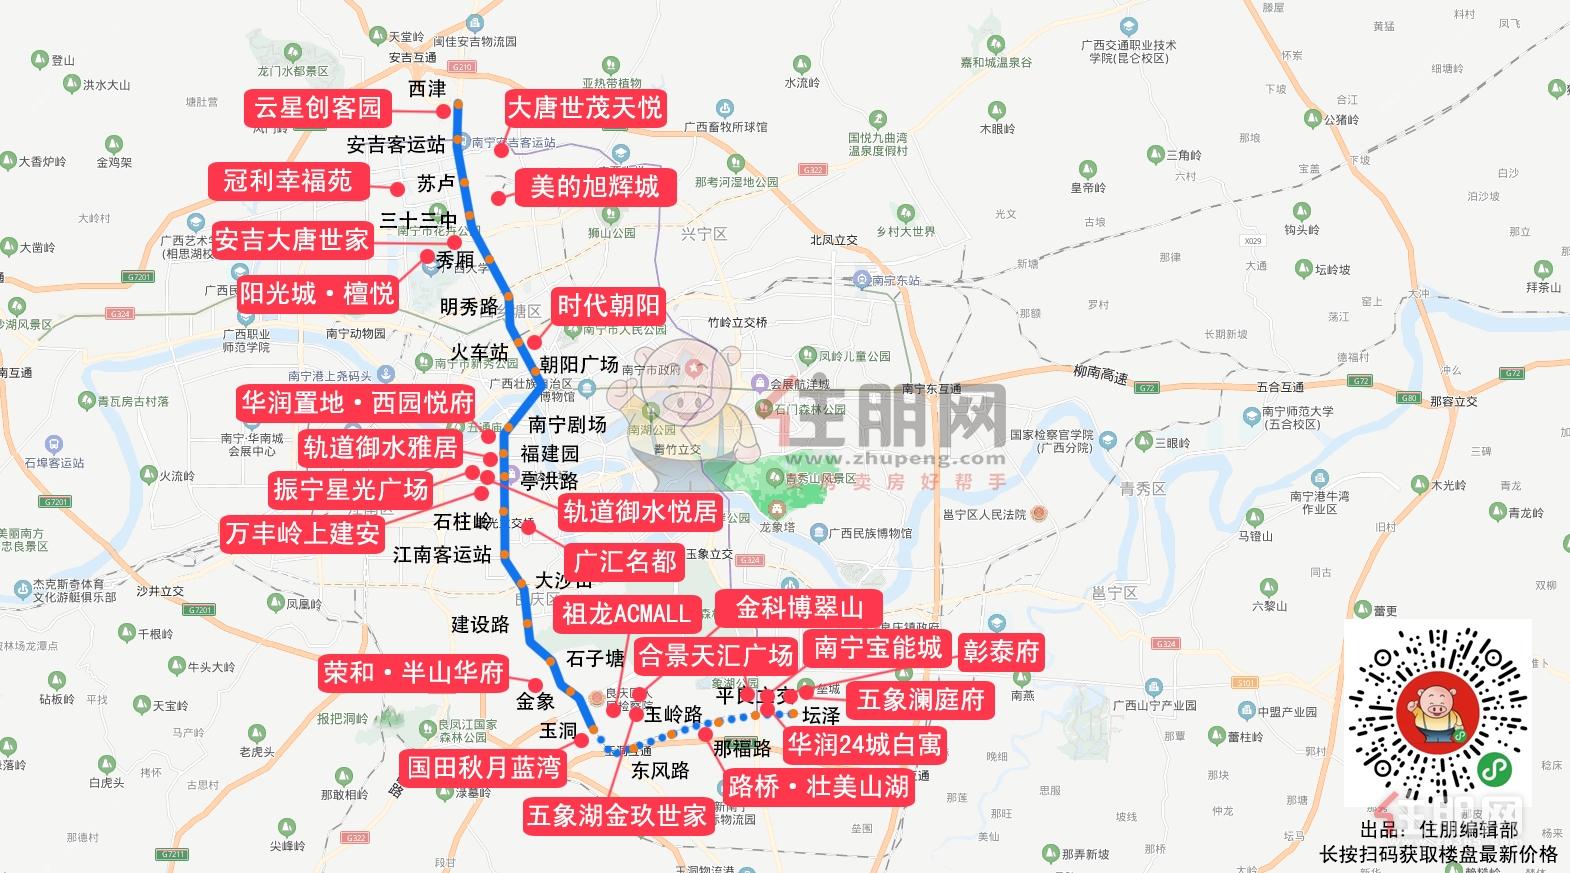 地铁2号线楼市地图